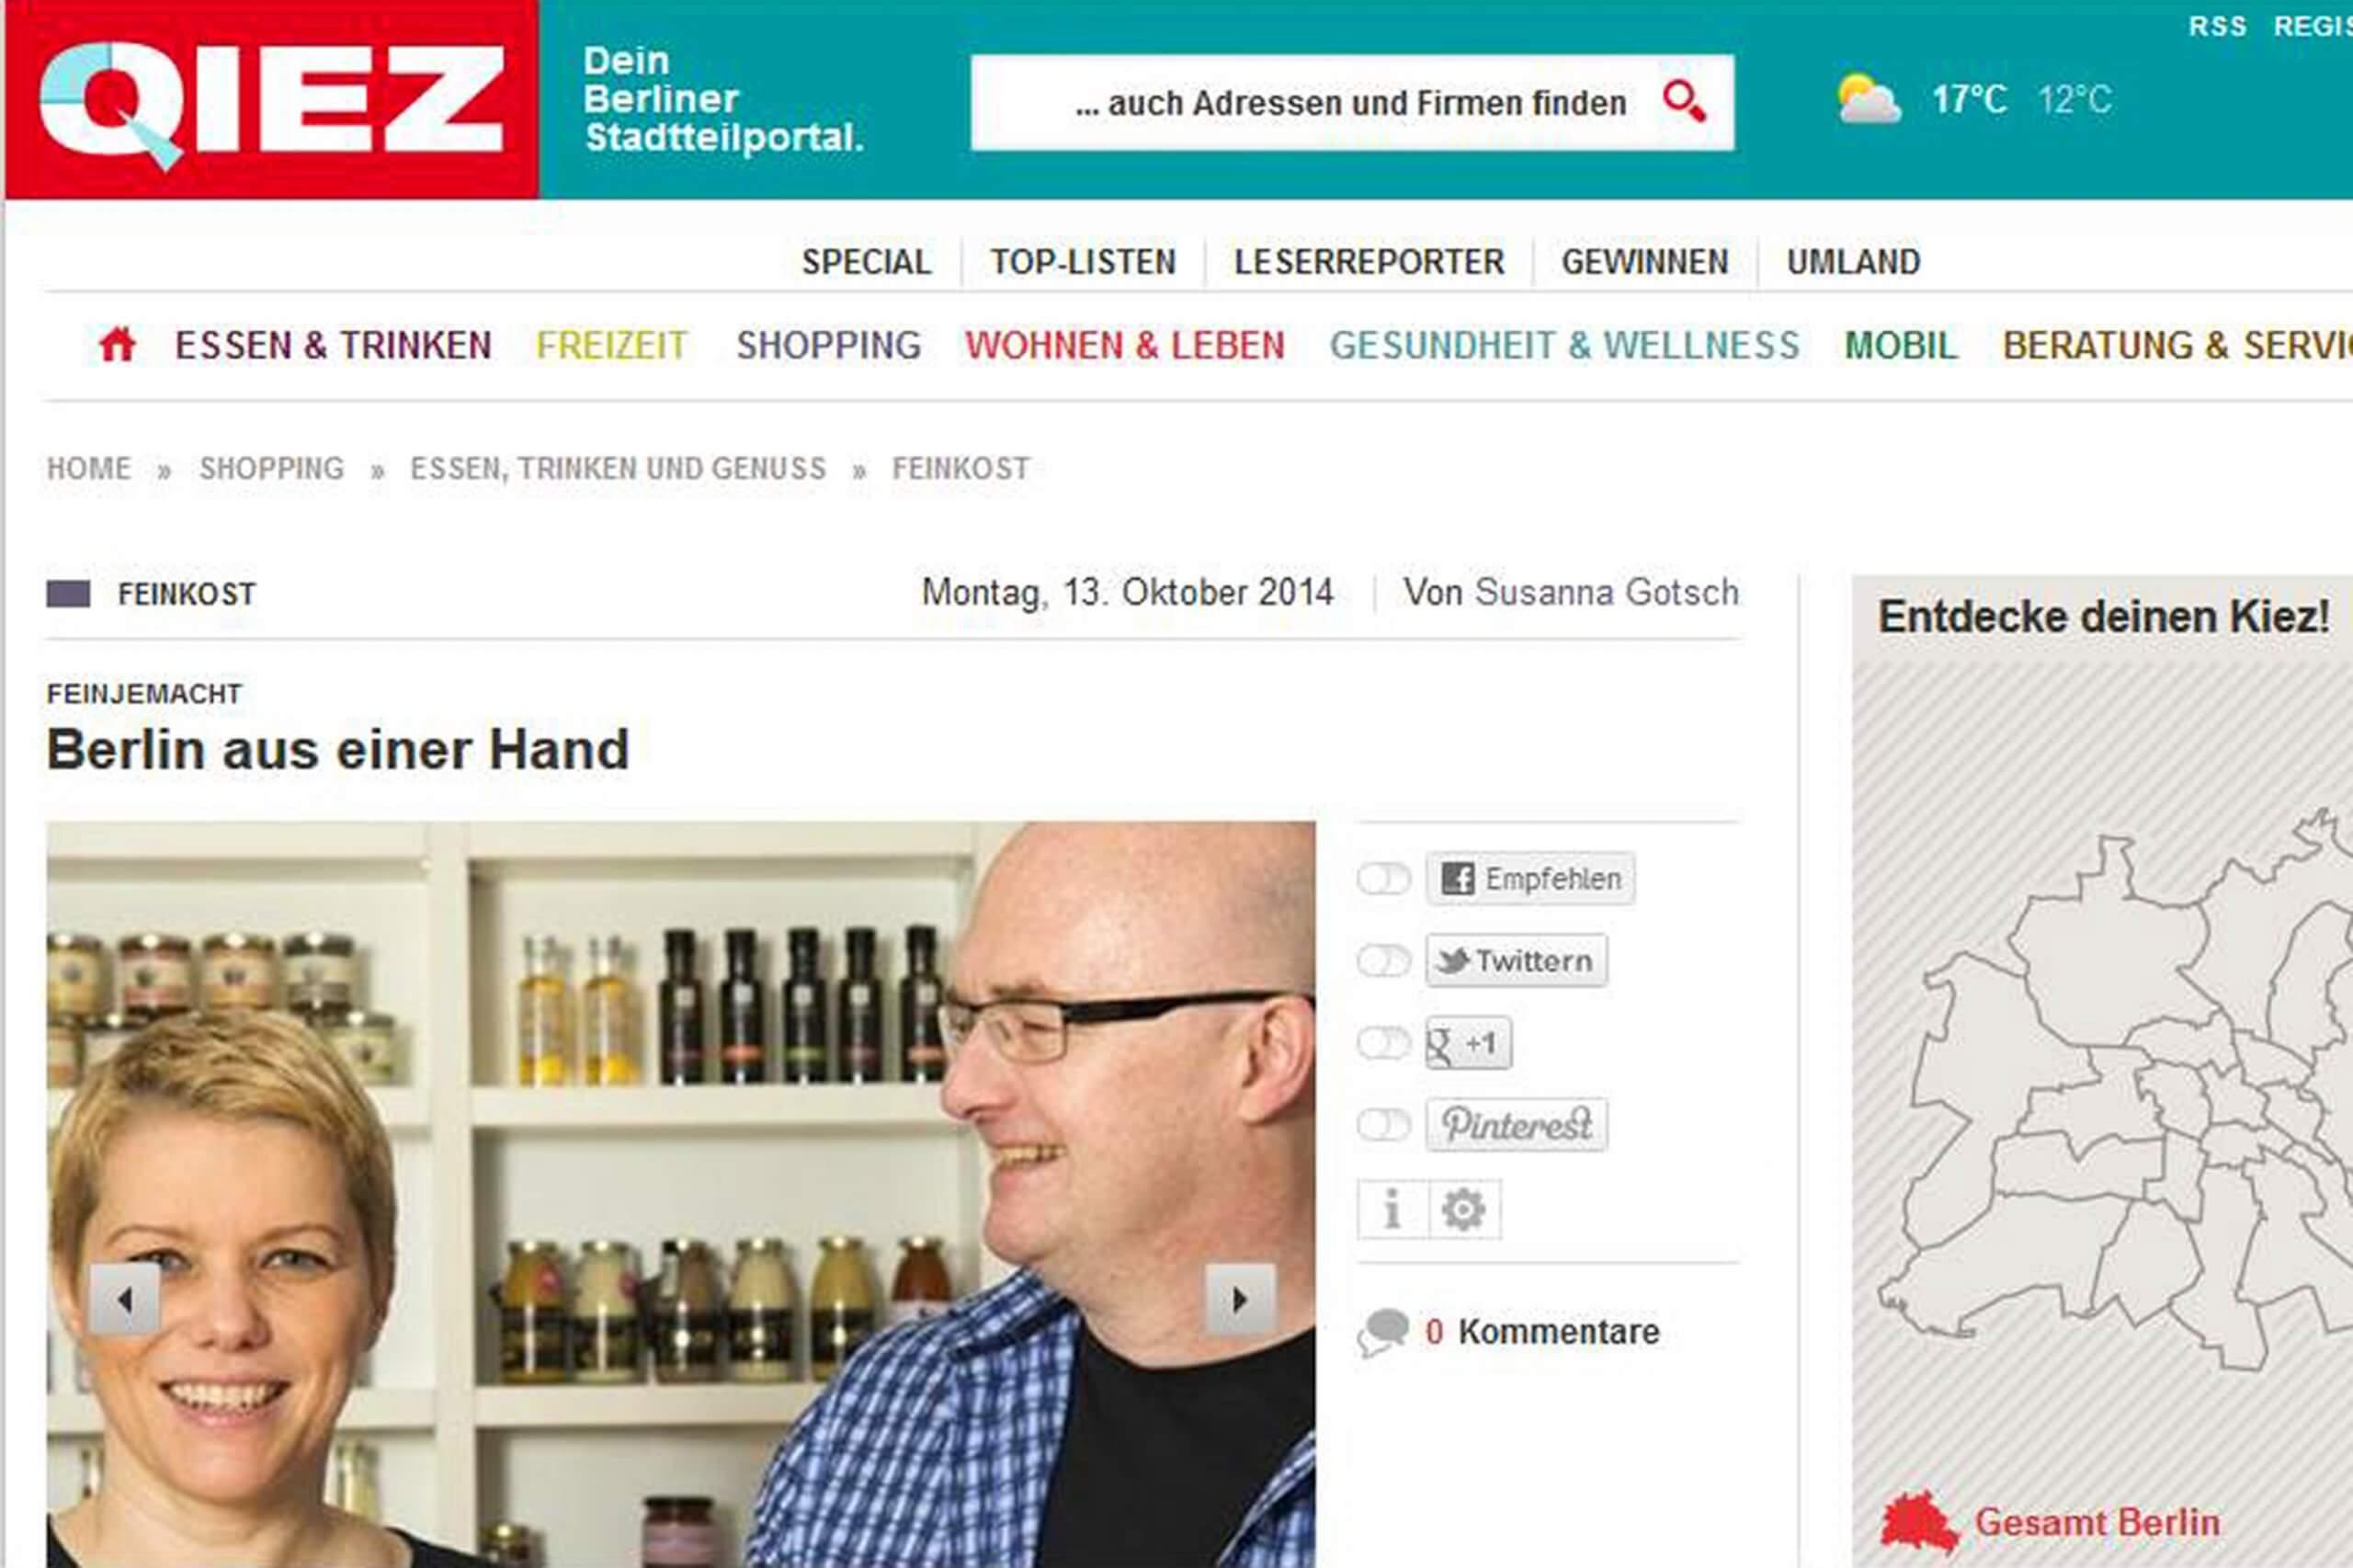 Interview von Quiz.de mit feinjemacht